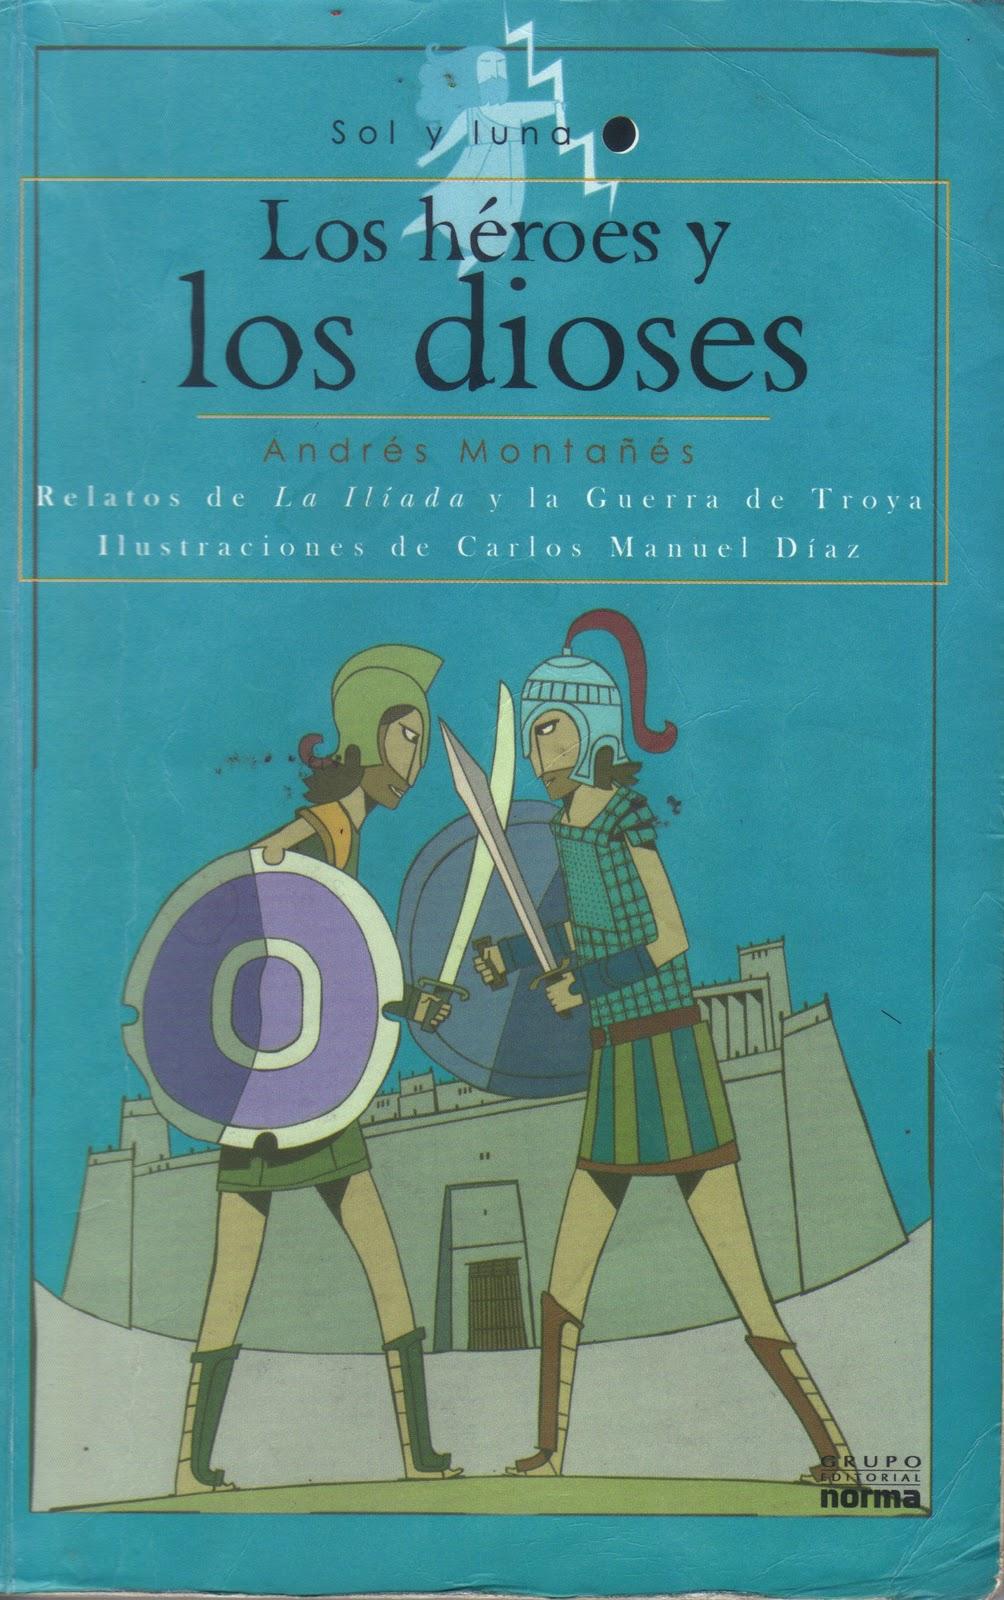 La Biblioteca De Andres: Los Héroes y Los dioses